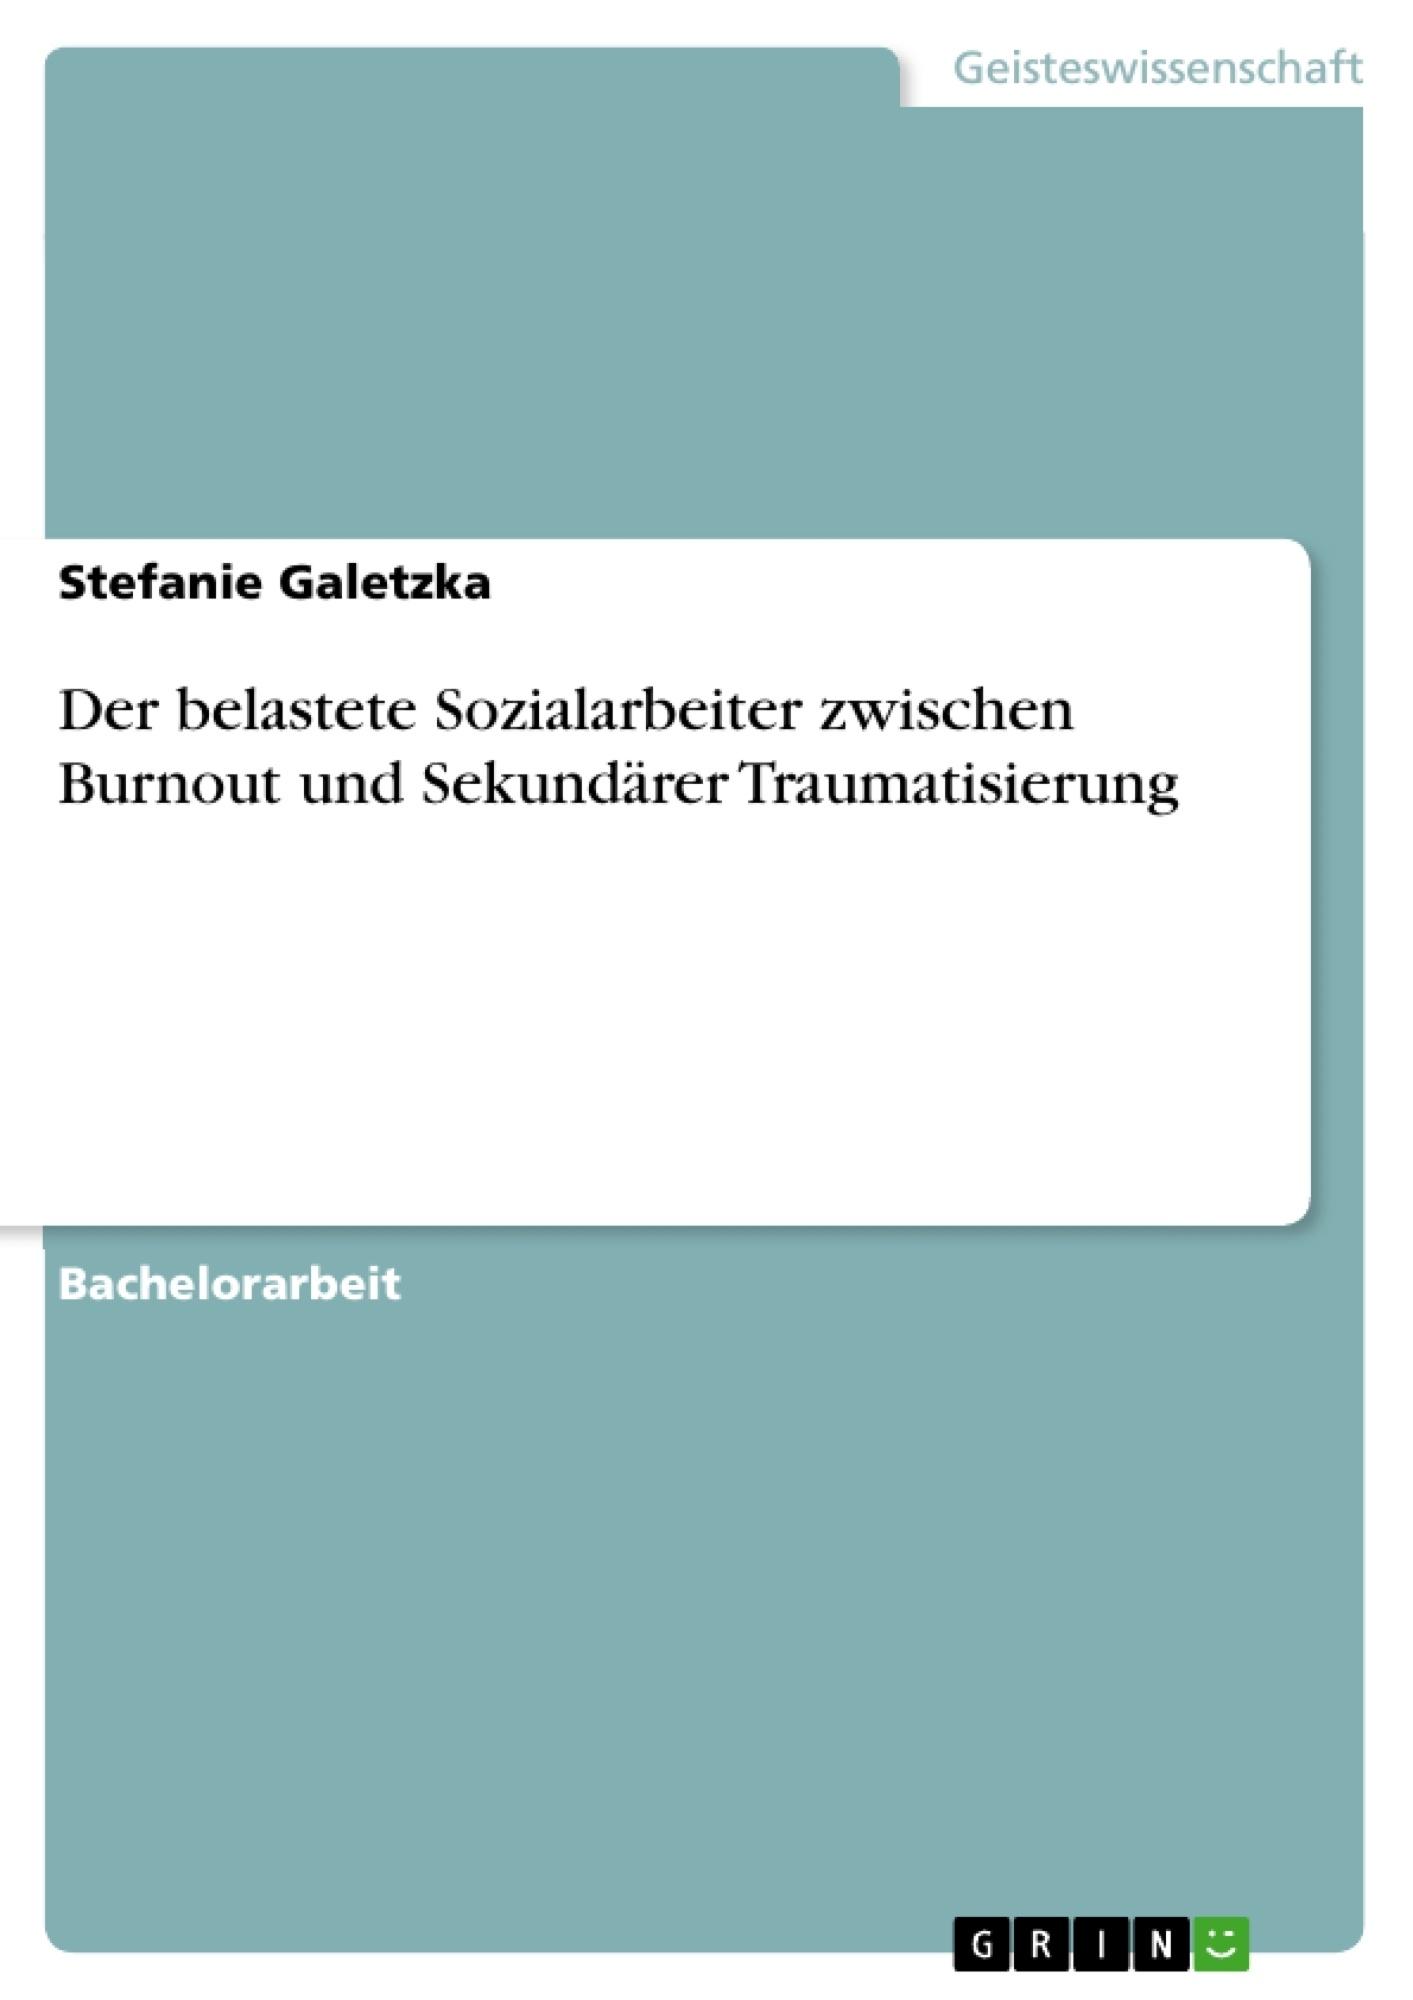 Titel: Der belastete Sozialarbeiter zwischen Burnout und Sekundärer Traumatisierung